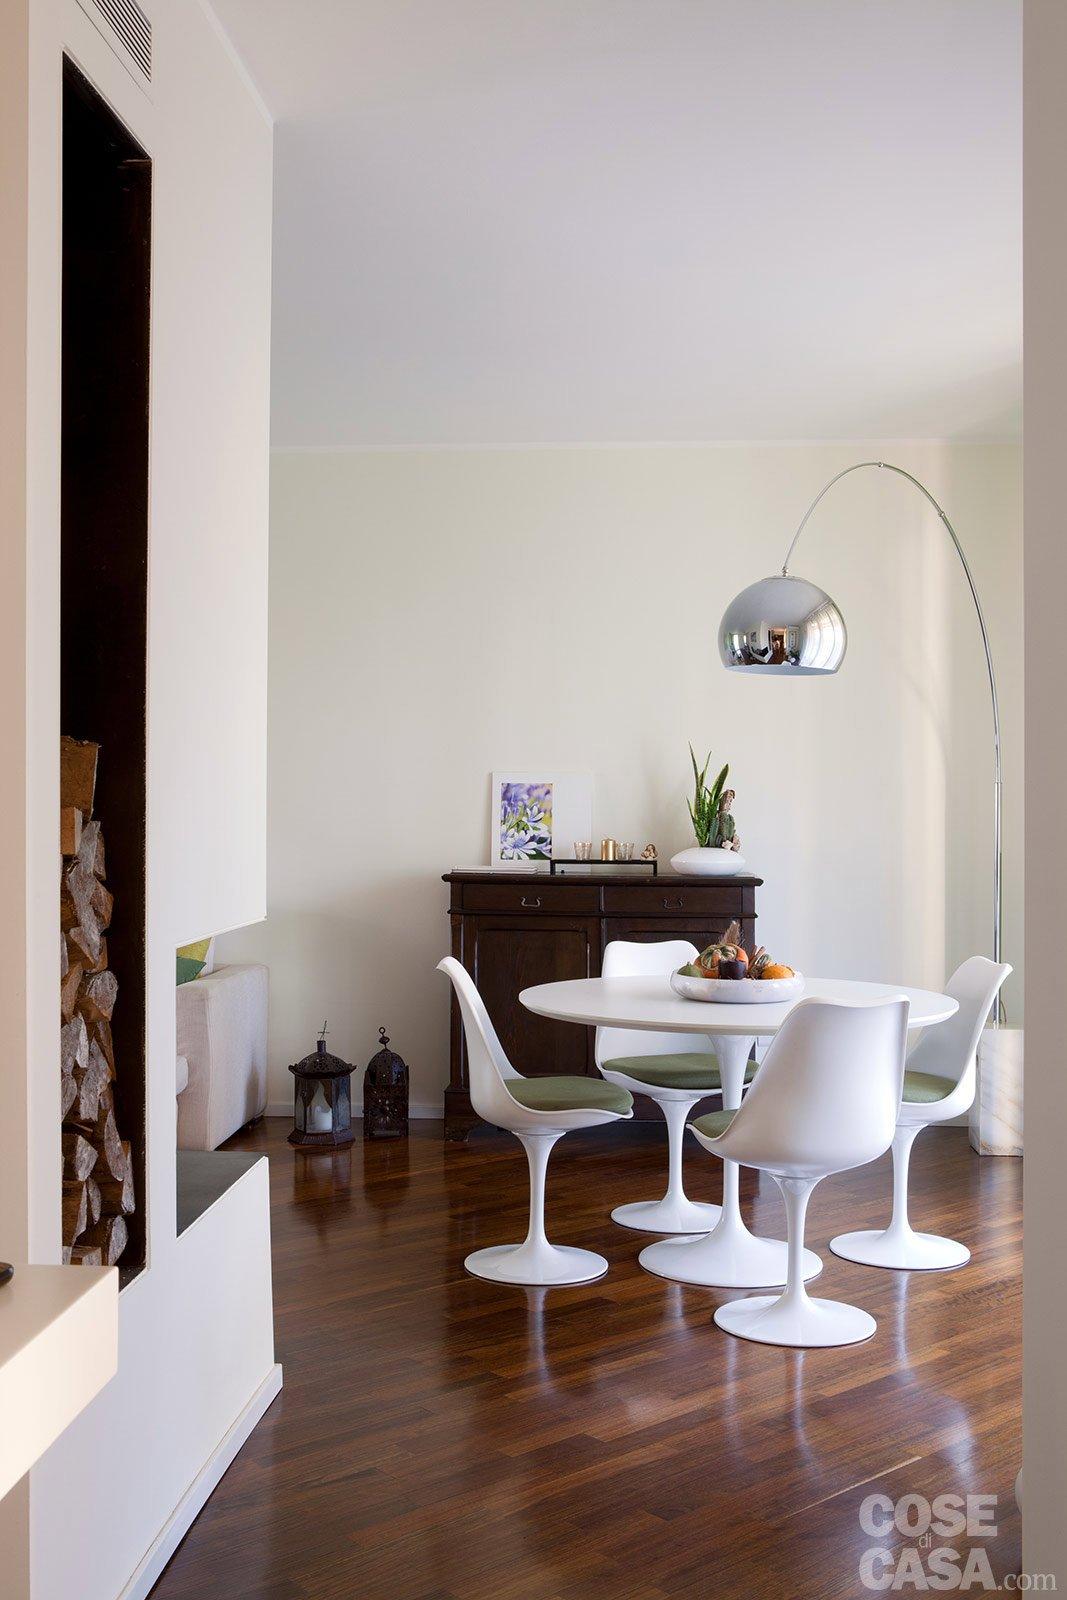 Tavolo Soggiorno Piccolo: Arredare casa in affitto foto design mag.